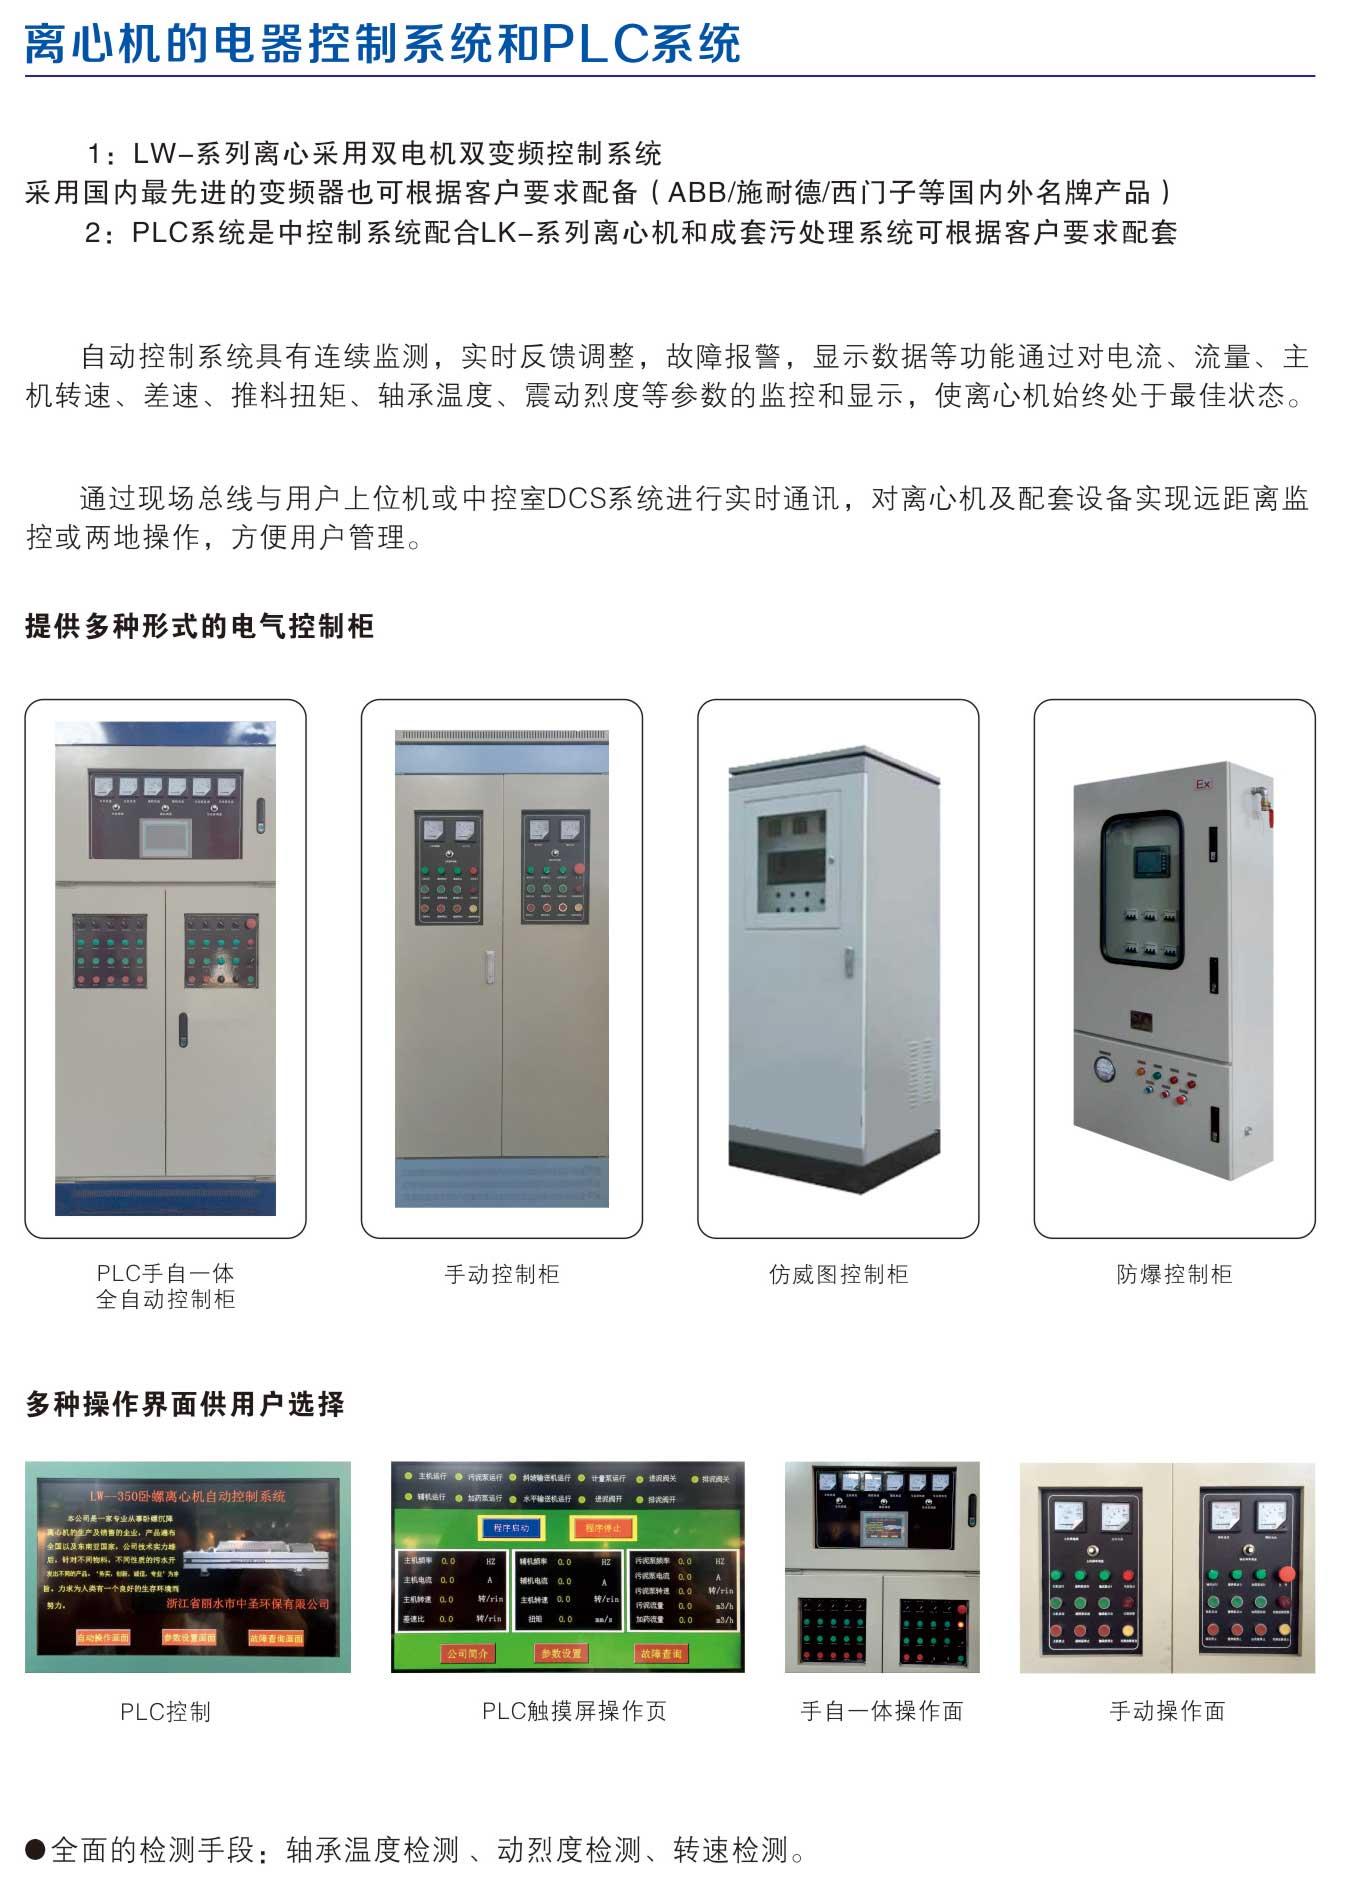 KOK足球电器控制系统